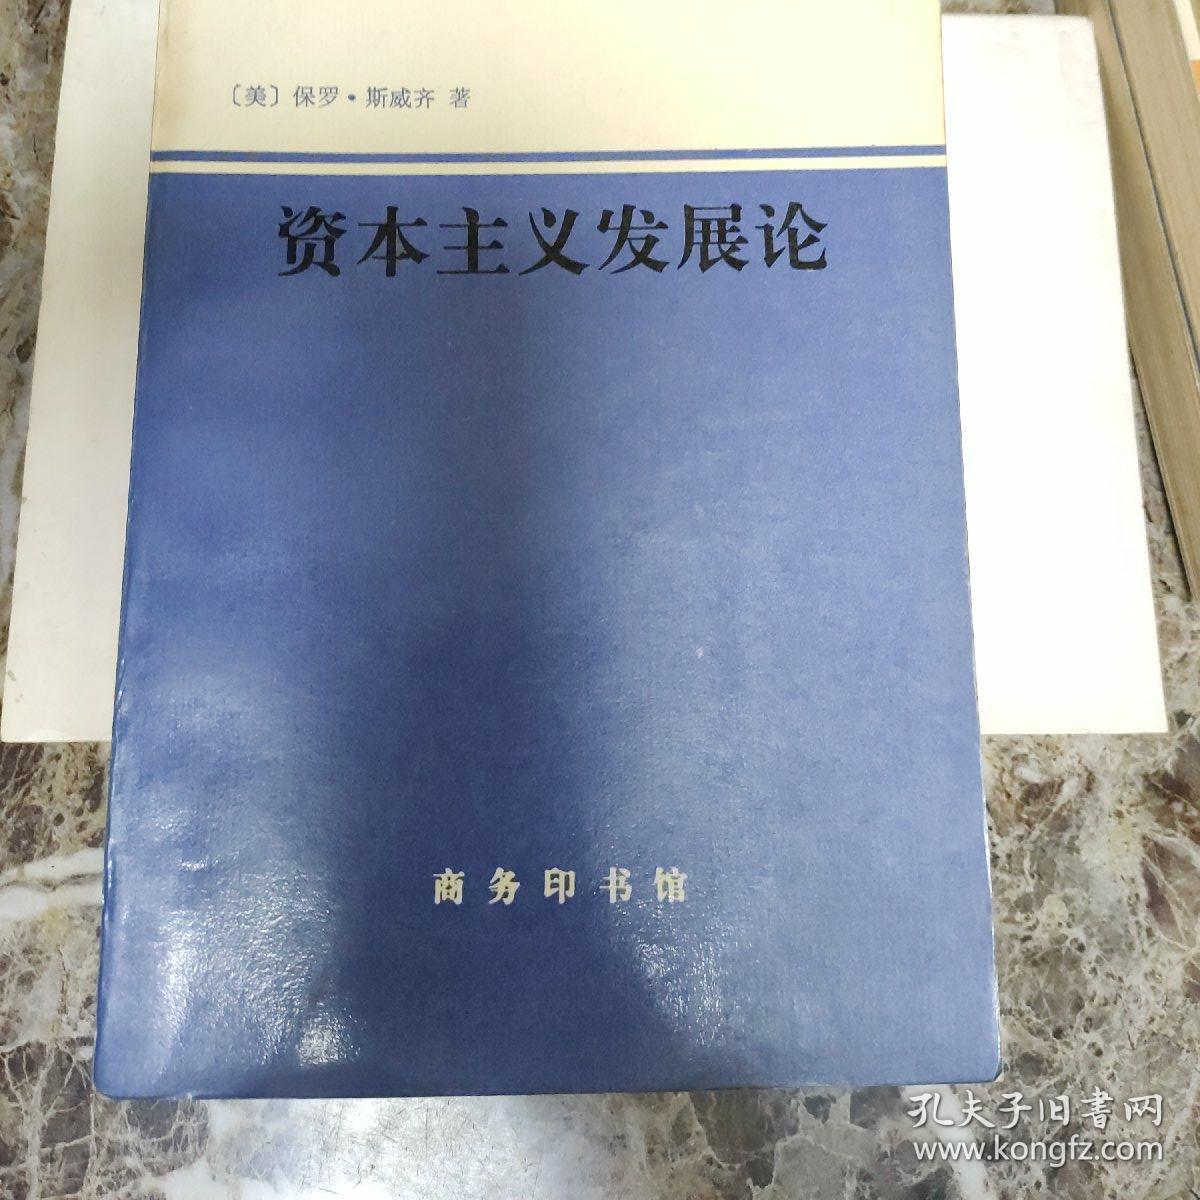 资本主义发展论:马克思主义政治经济学原理